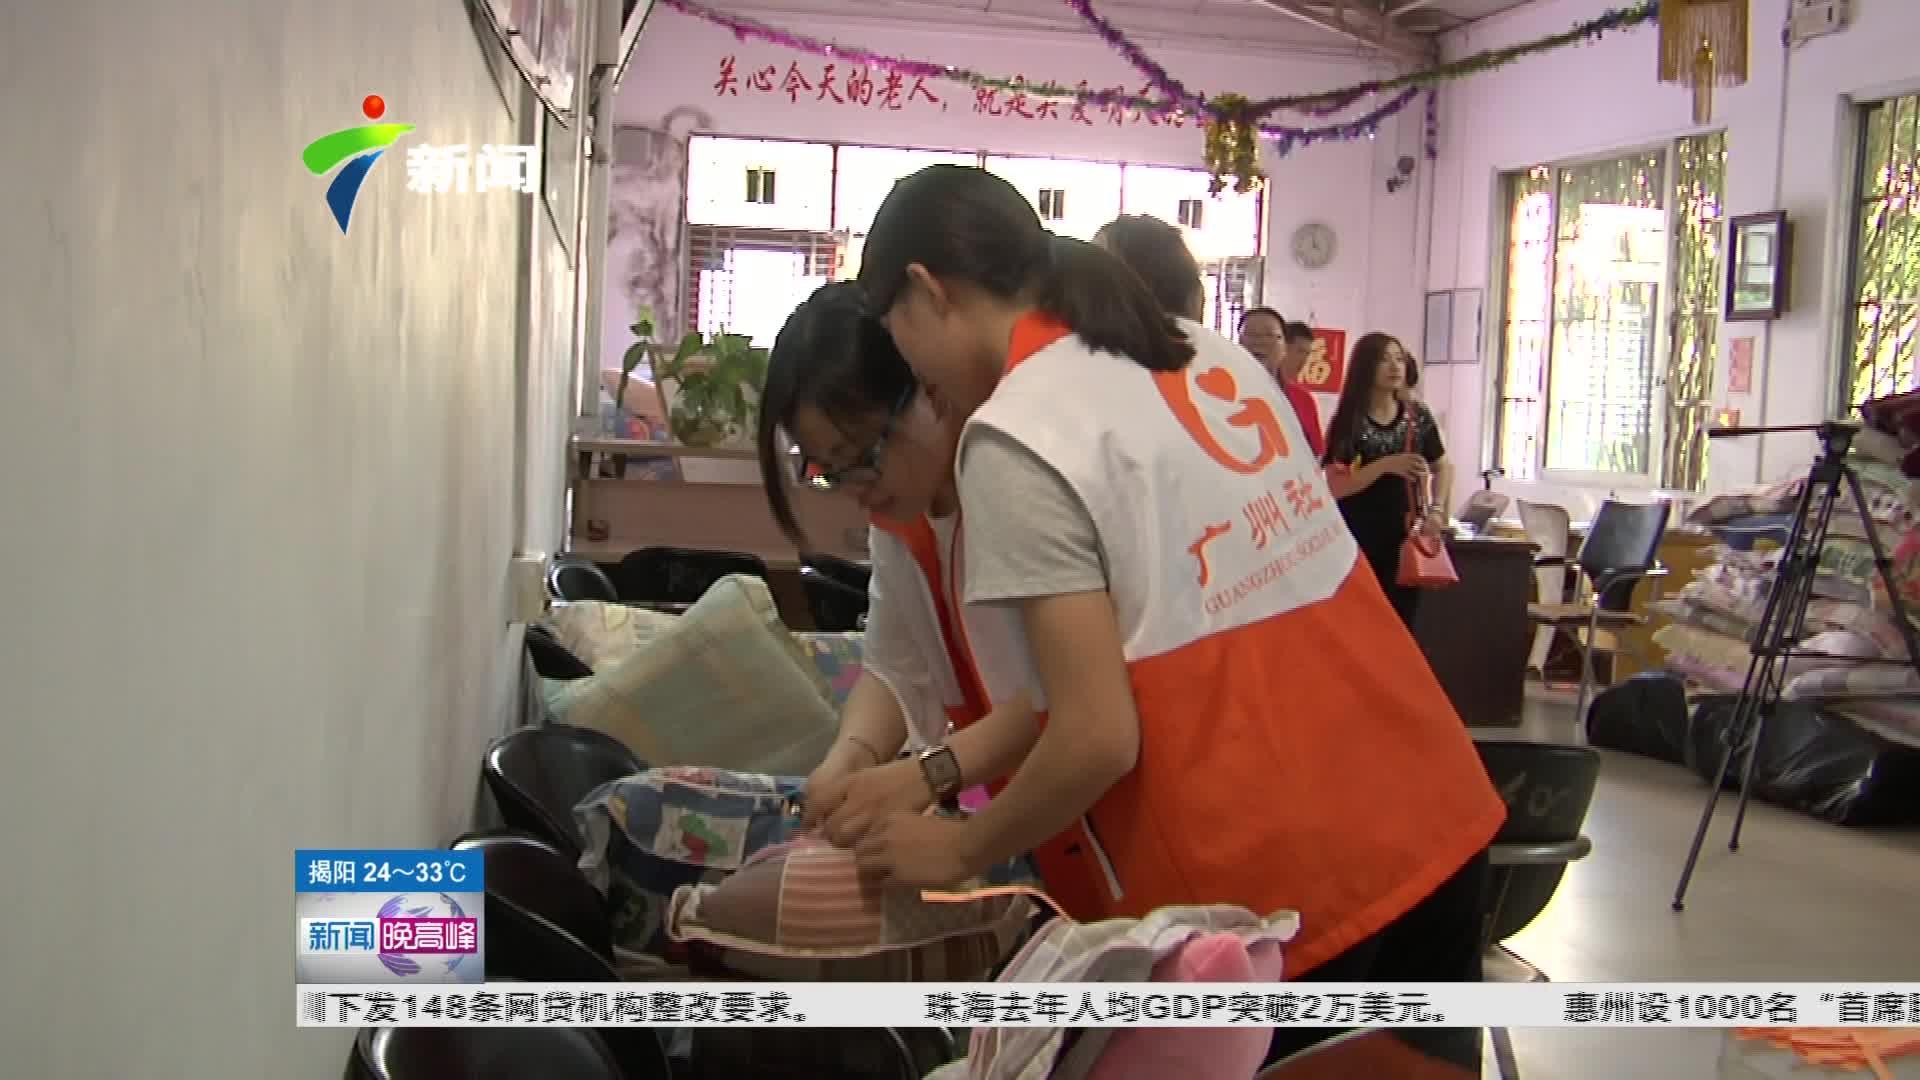 广州:关怀空巢老人 为爱洗衣